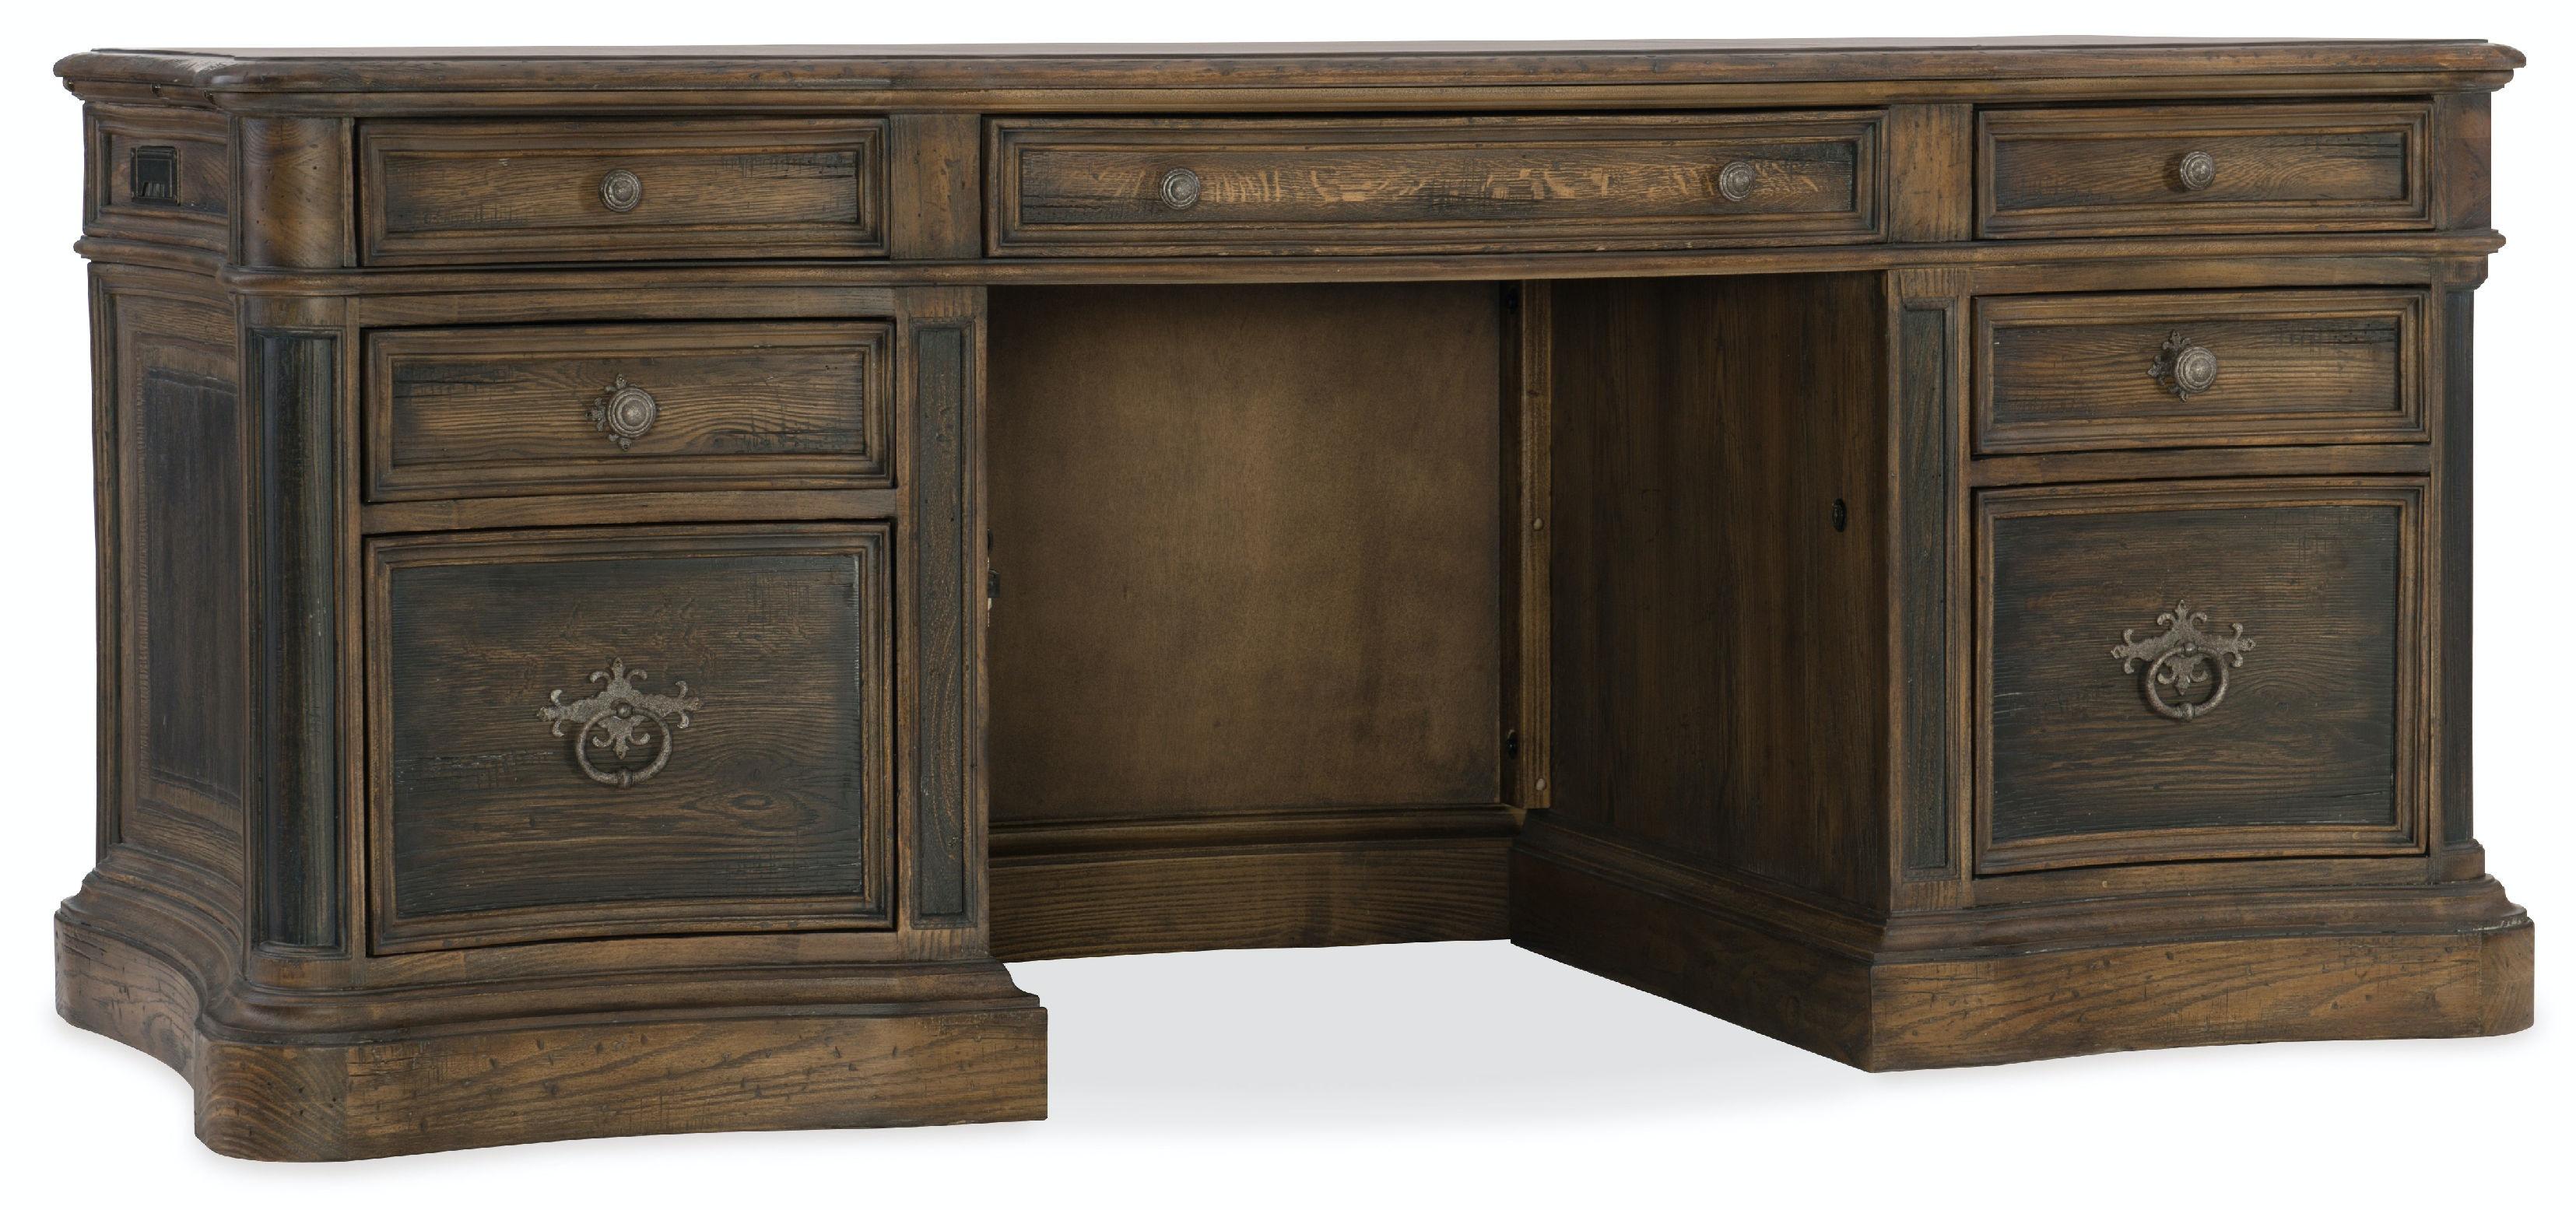 trendy custom built home office furniture. trendy custom built home office furniture st hedwig executive desk